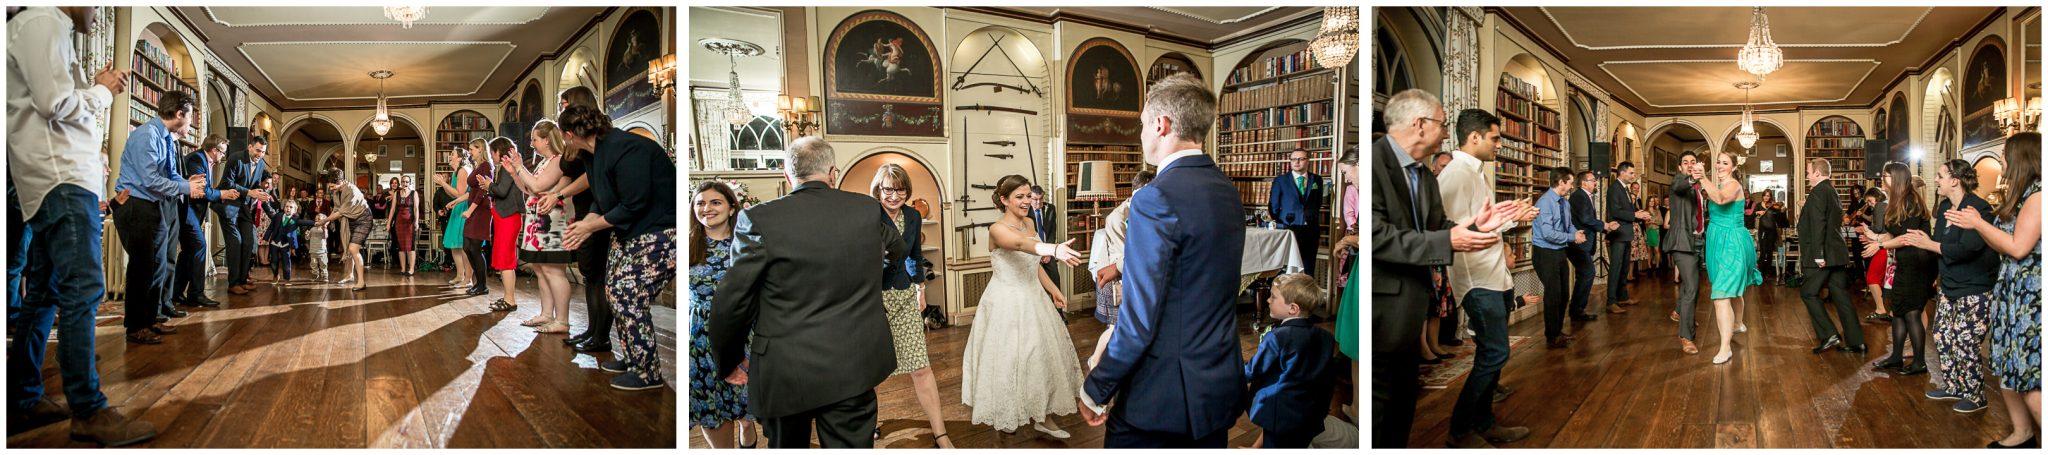 Avington Park wedding photography ceilidh in library